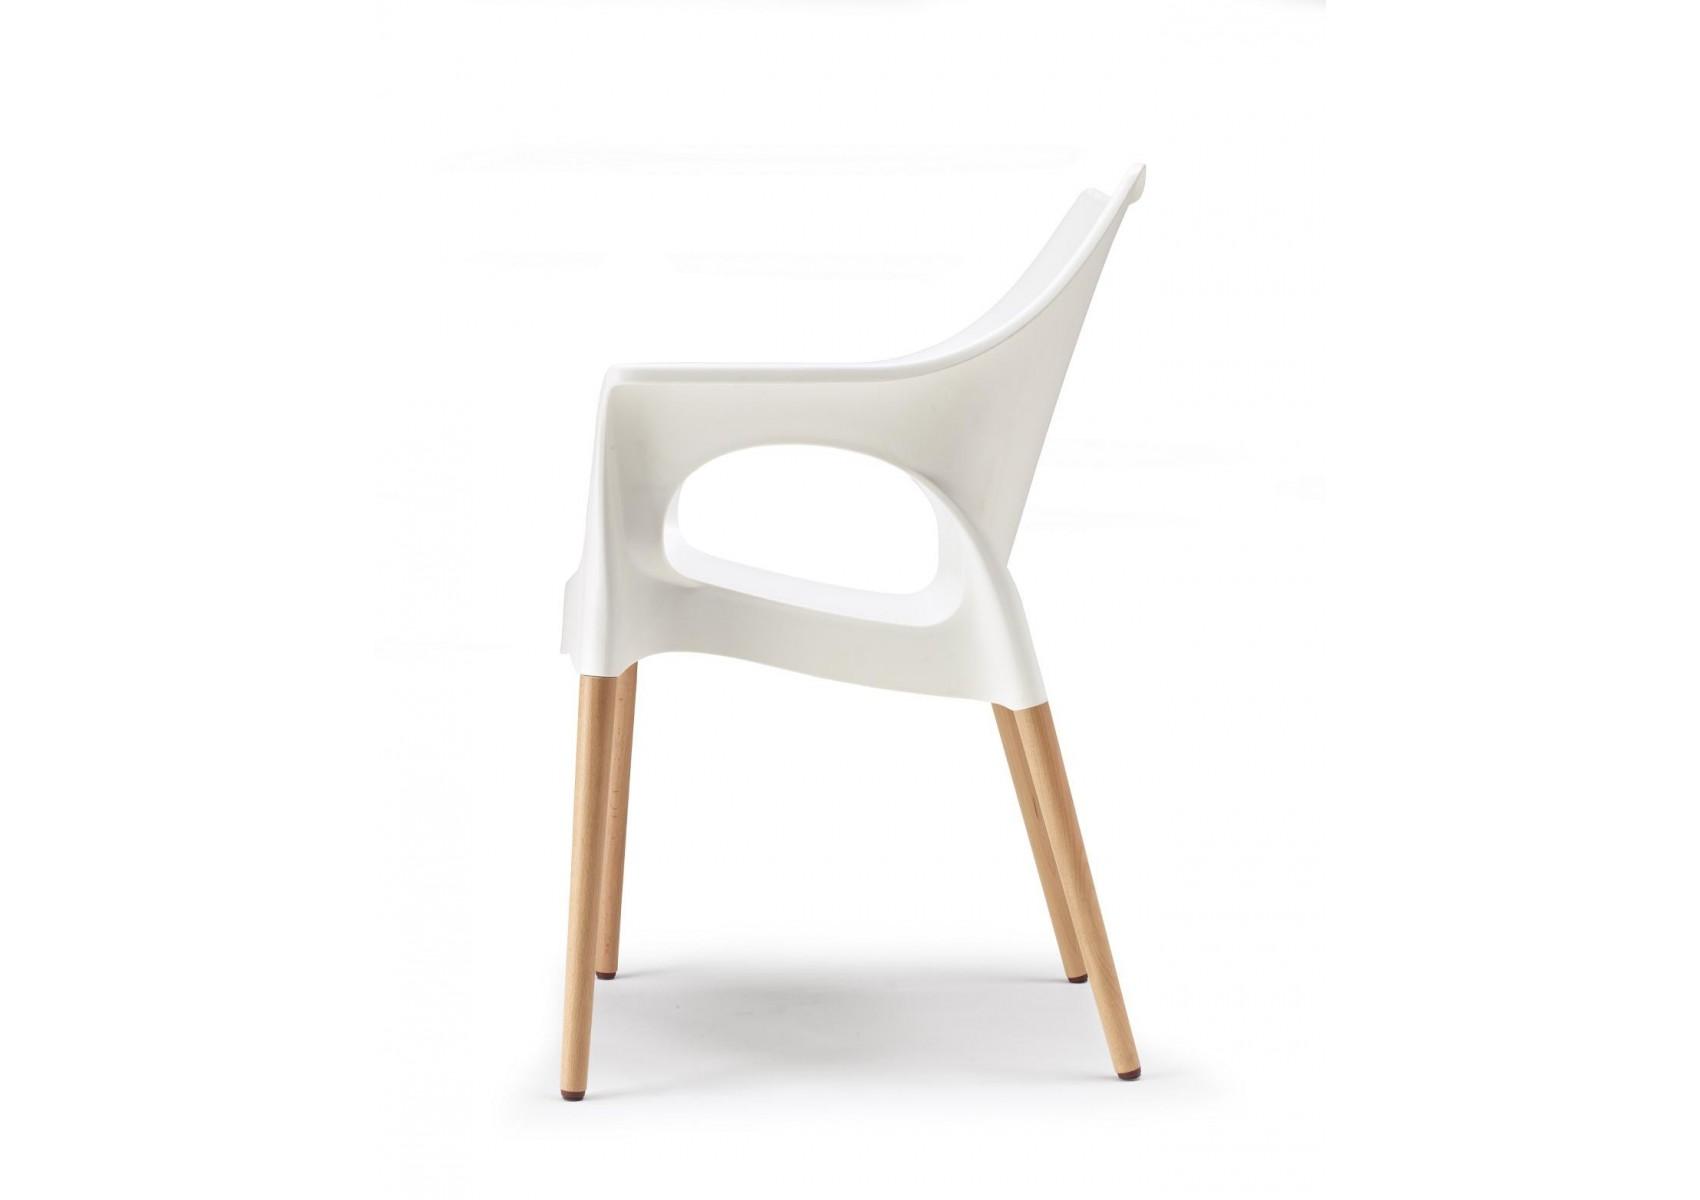 Chaise avec pieds bois naturel natura ola vendu l for Chaise blanche avec pied bois